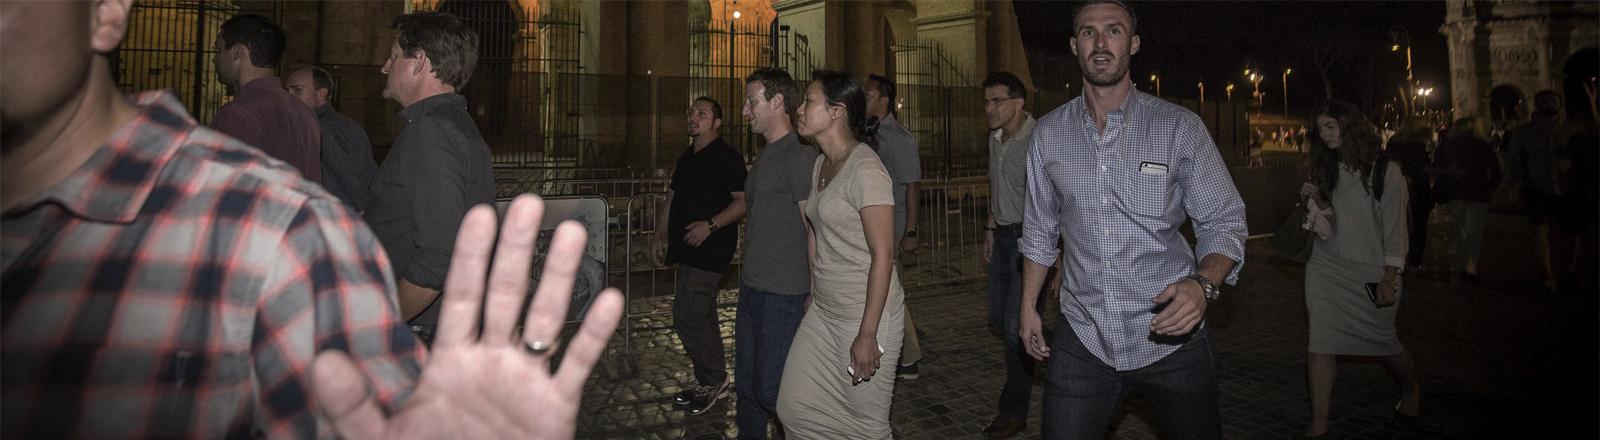 Mark Zuckerberg und seine Frau bei einem Nachtspaziergang in Rom im August 2016